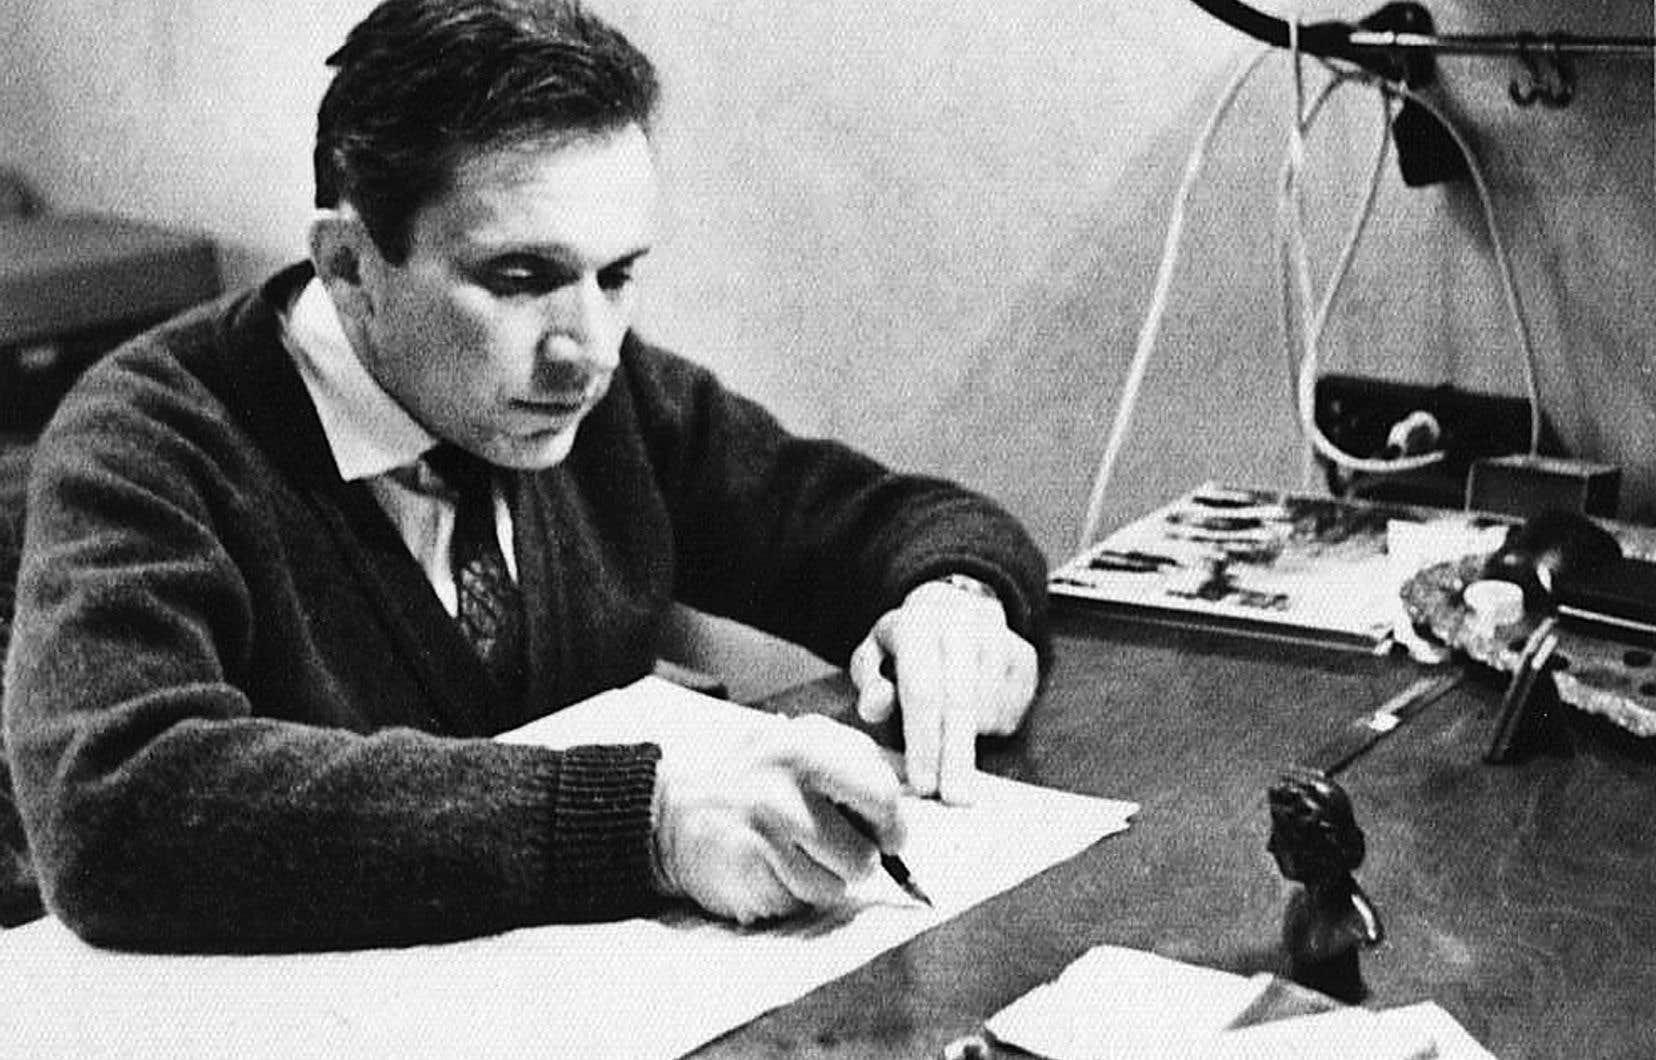 Mieczysław Weinberg dans son studio en 1962 composant «Lettres anciennes», huit chansons pour soprano et piano sur des poèmes de Julian Tuwim.